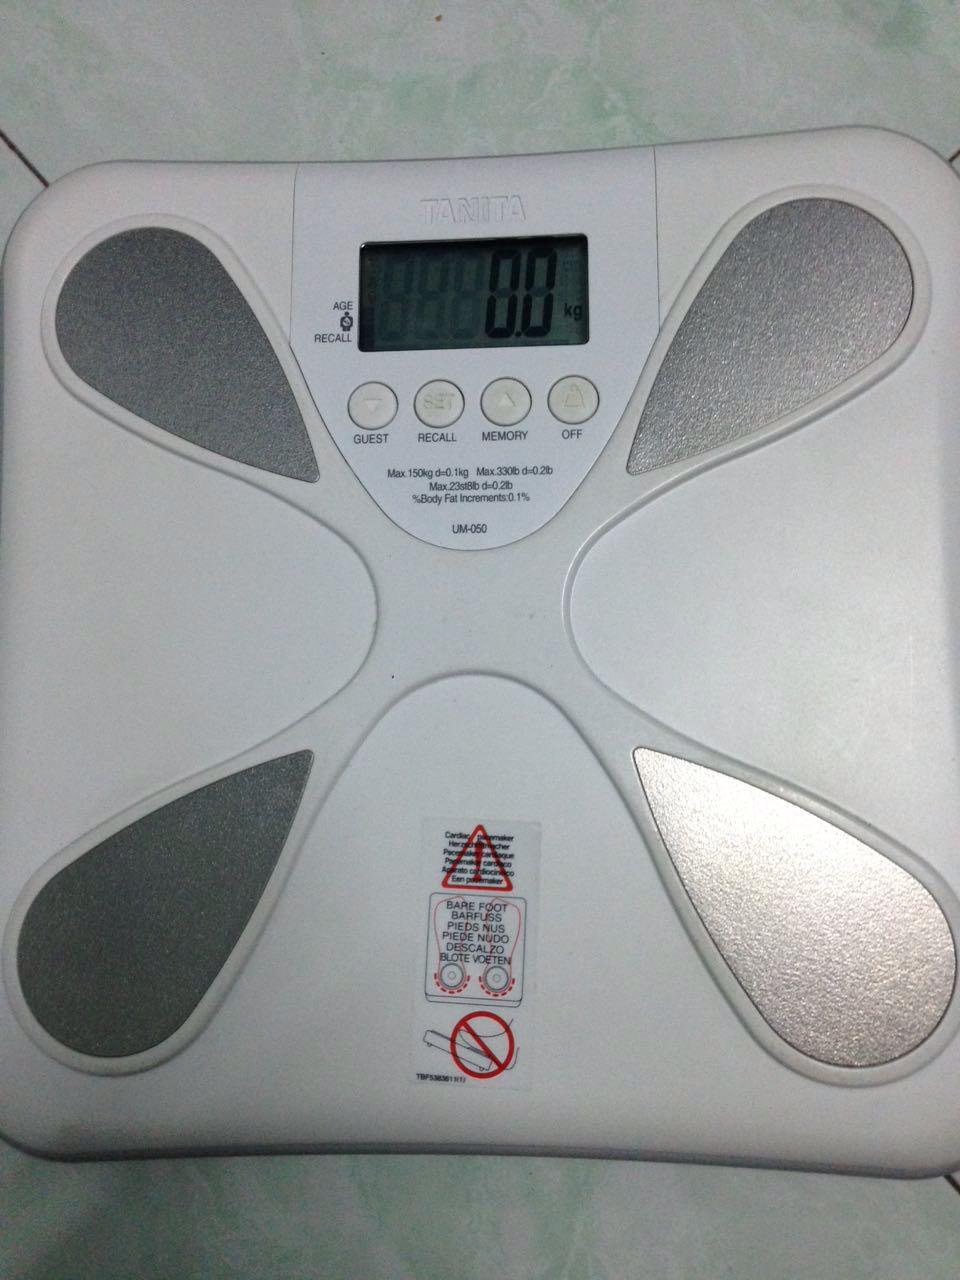 5 Kebiasaan Buruk Yang Dapat Menambah Berat Badan